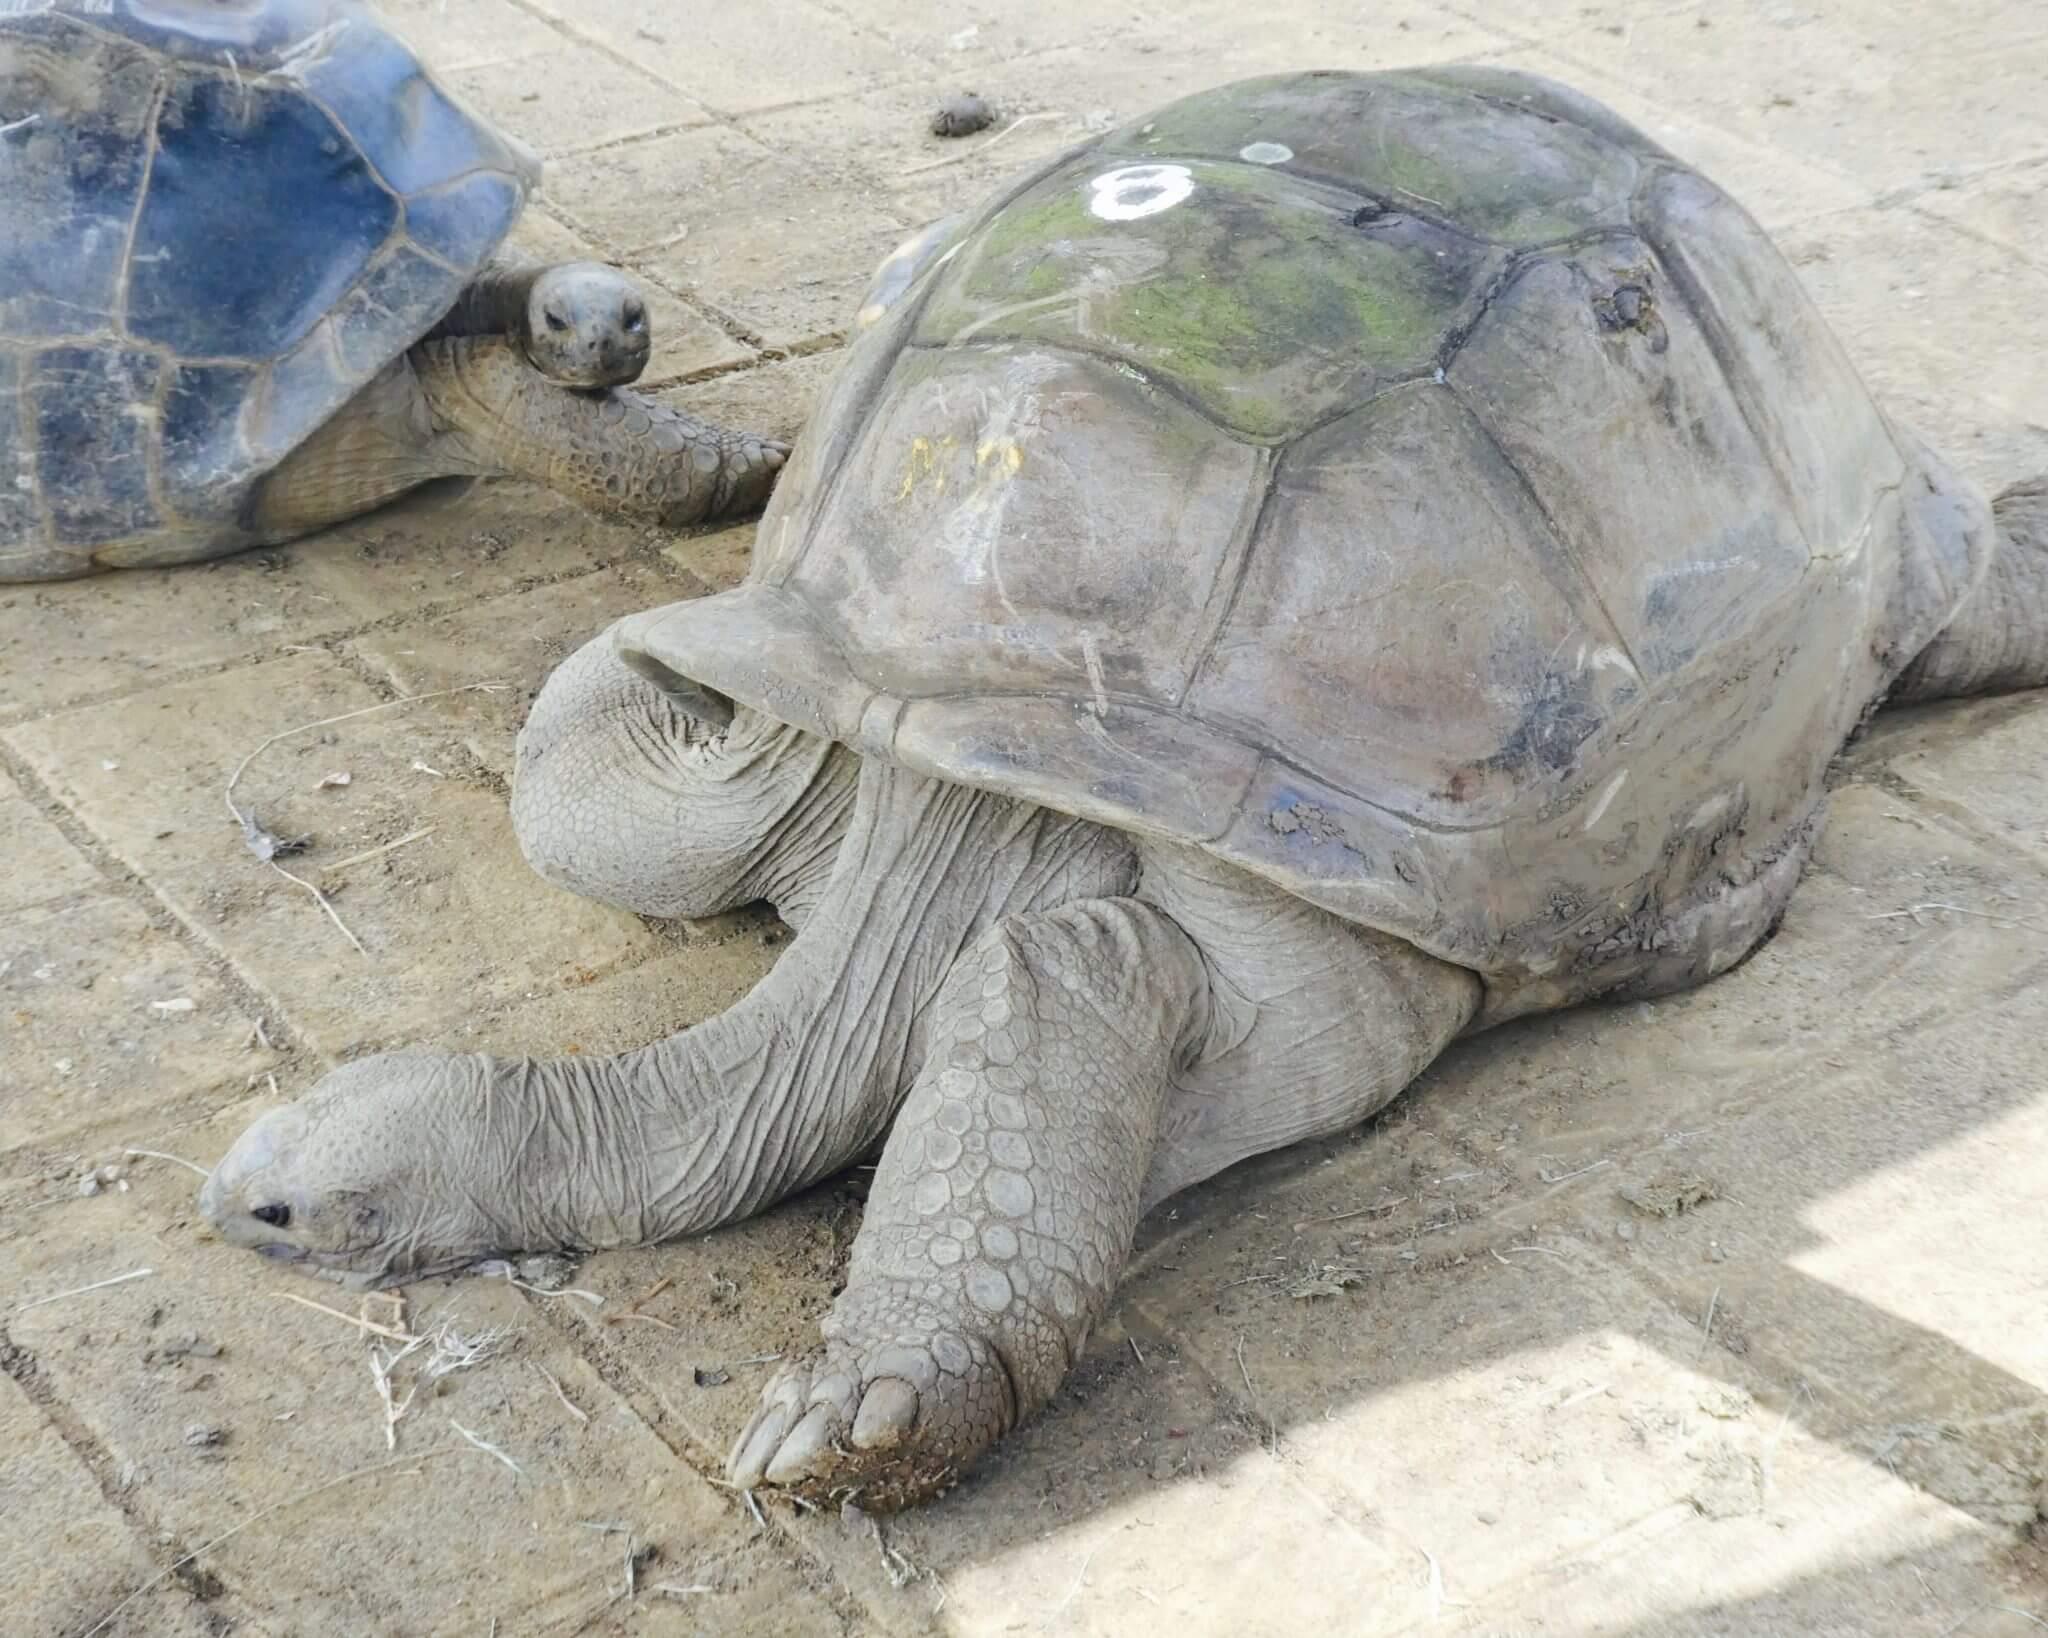 voir les tortues  jardin de pamplemousses à l'ile maurice